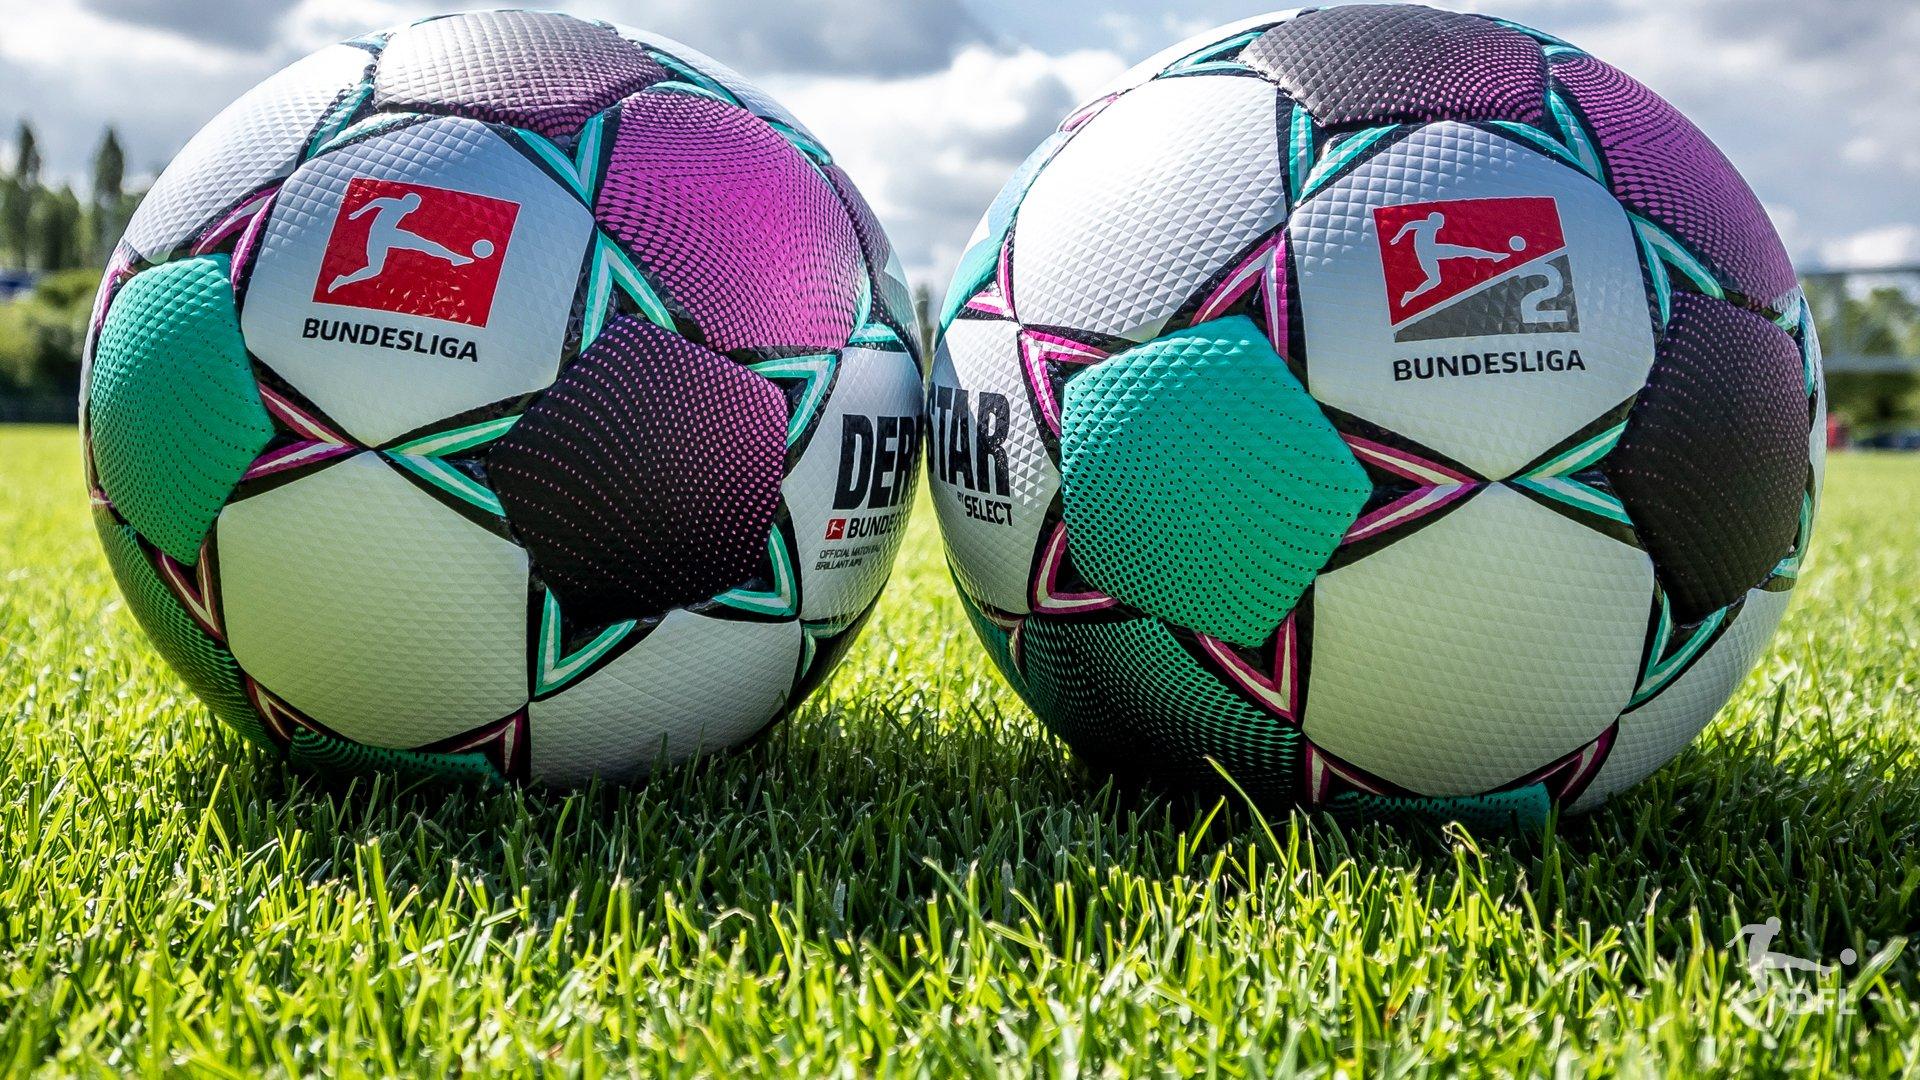 La Bundesliga empieza este fin de semana y tendría un porcentaje de aficionados